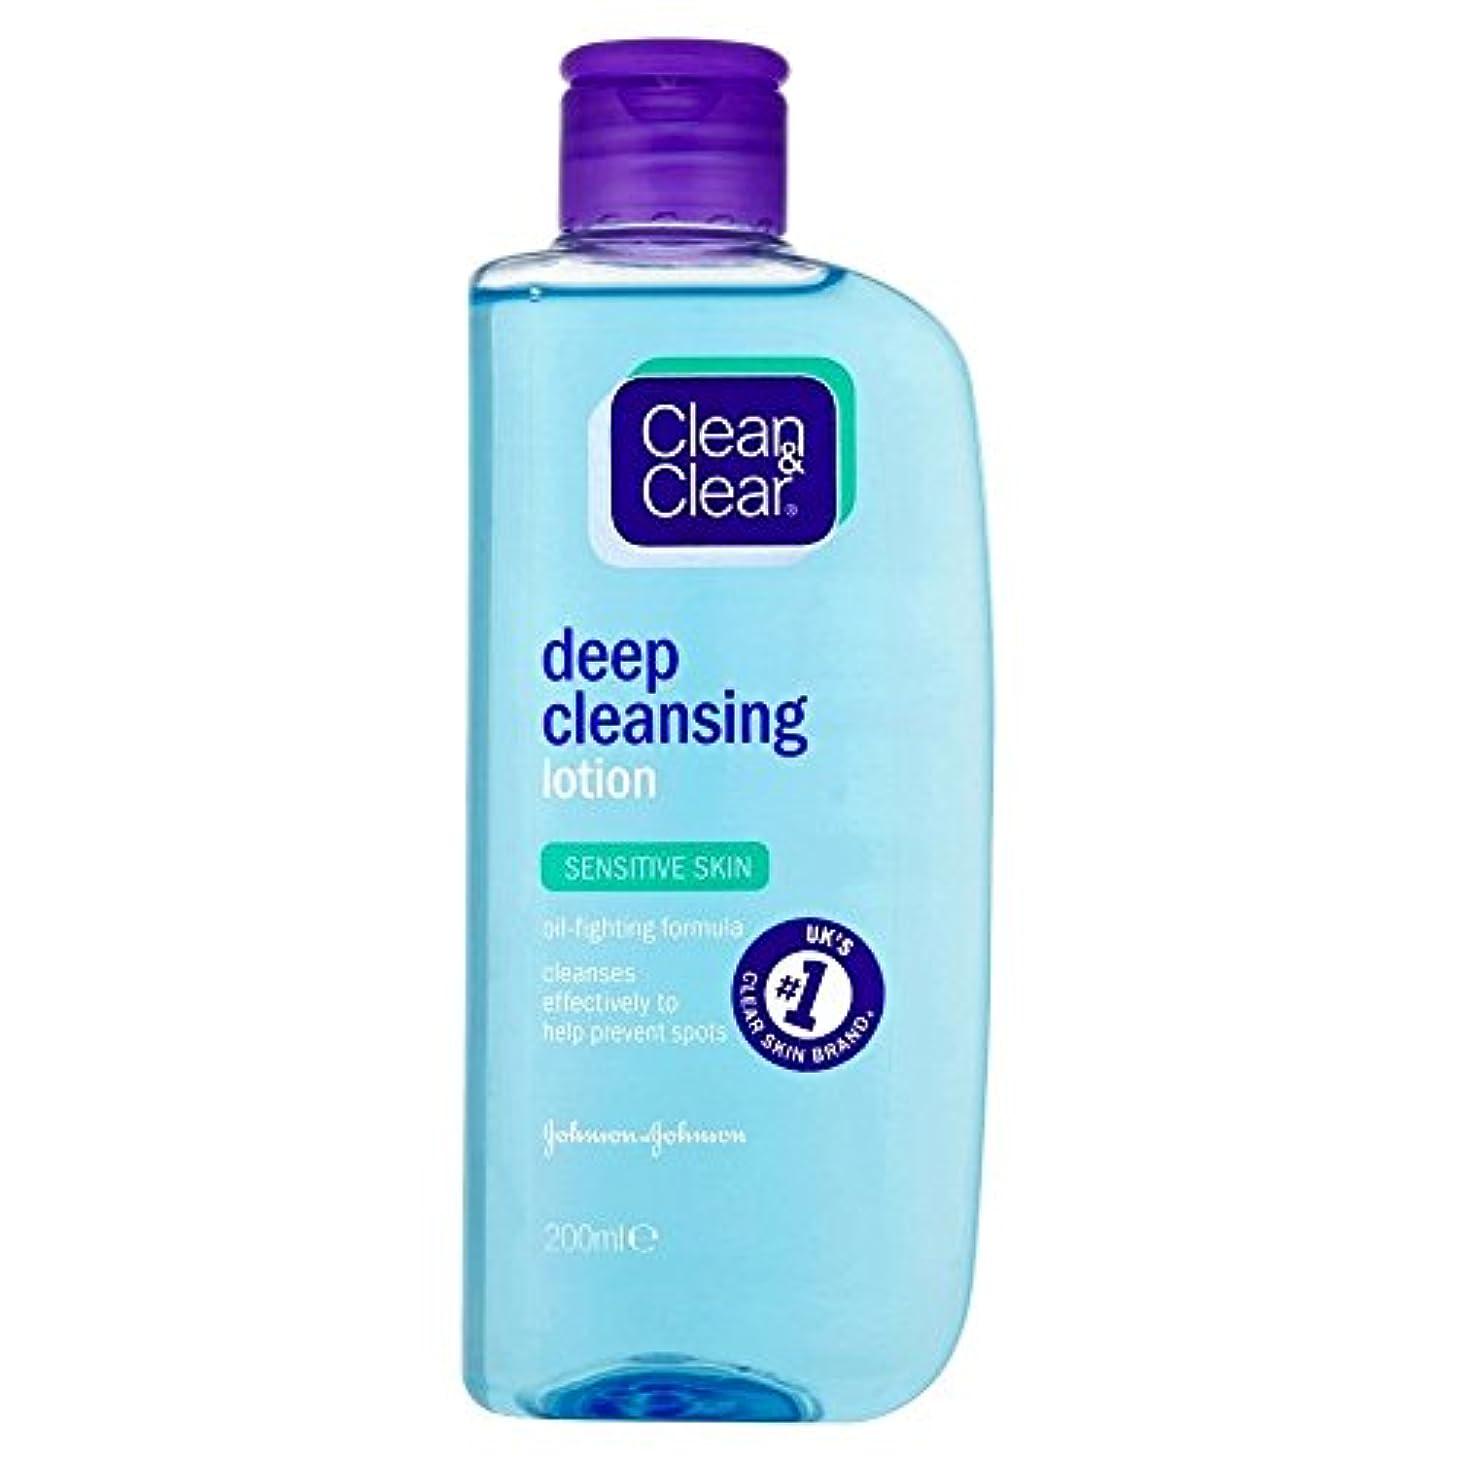 差エンジン薬Clean & Clear Deep Cleansing Lotion - Sensitive (200ml) クリーンで明確なディープクレンジングローション - 感受性( 200ミリリットル) [並行輸入品]